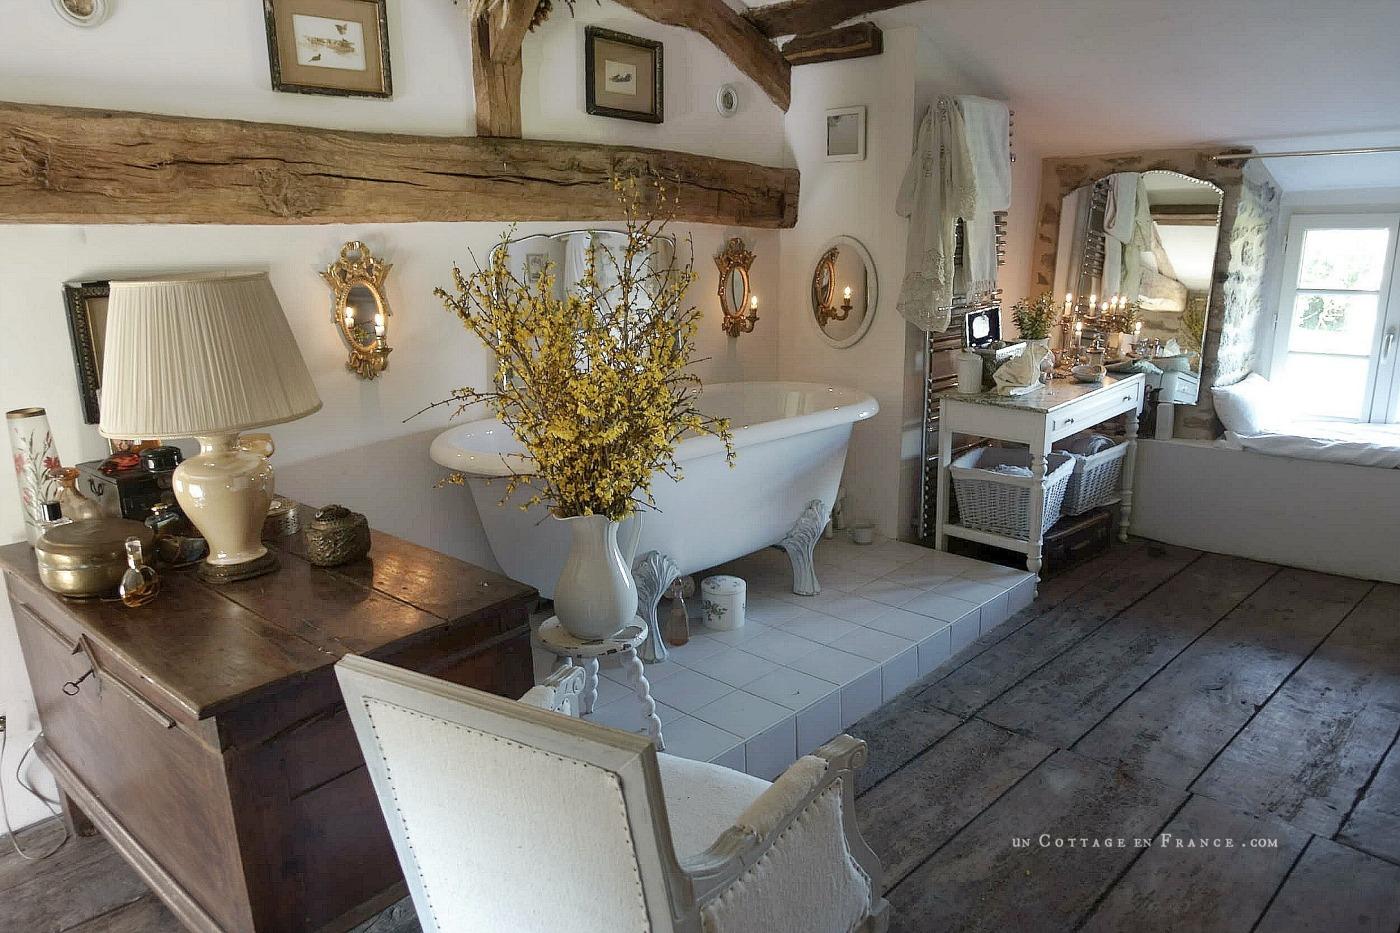 La salle de bain campagne chic sous les combles, blog décoration romantique 12